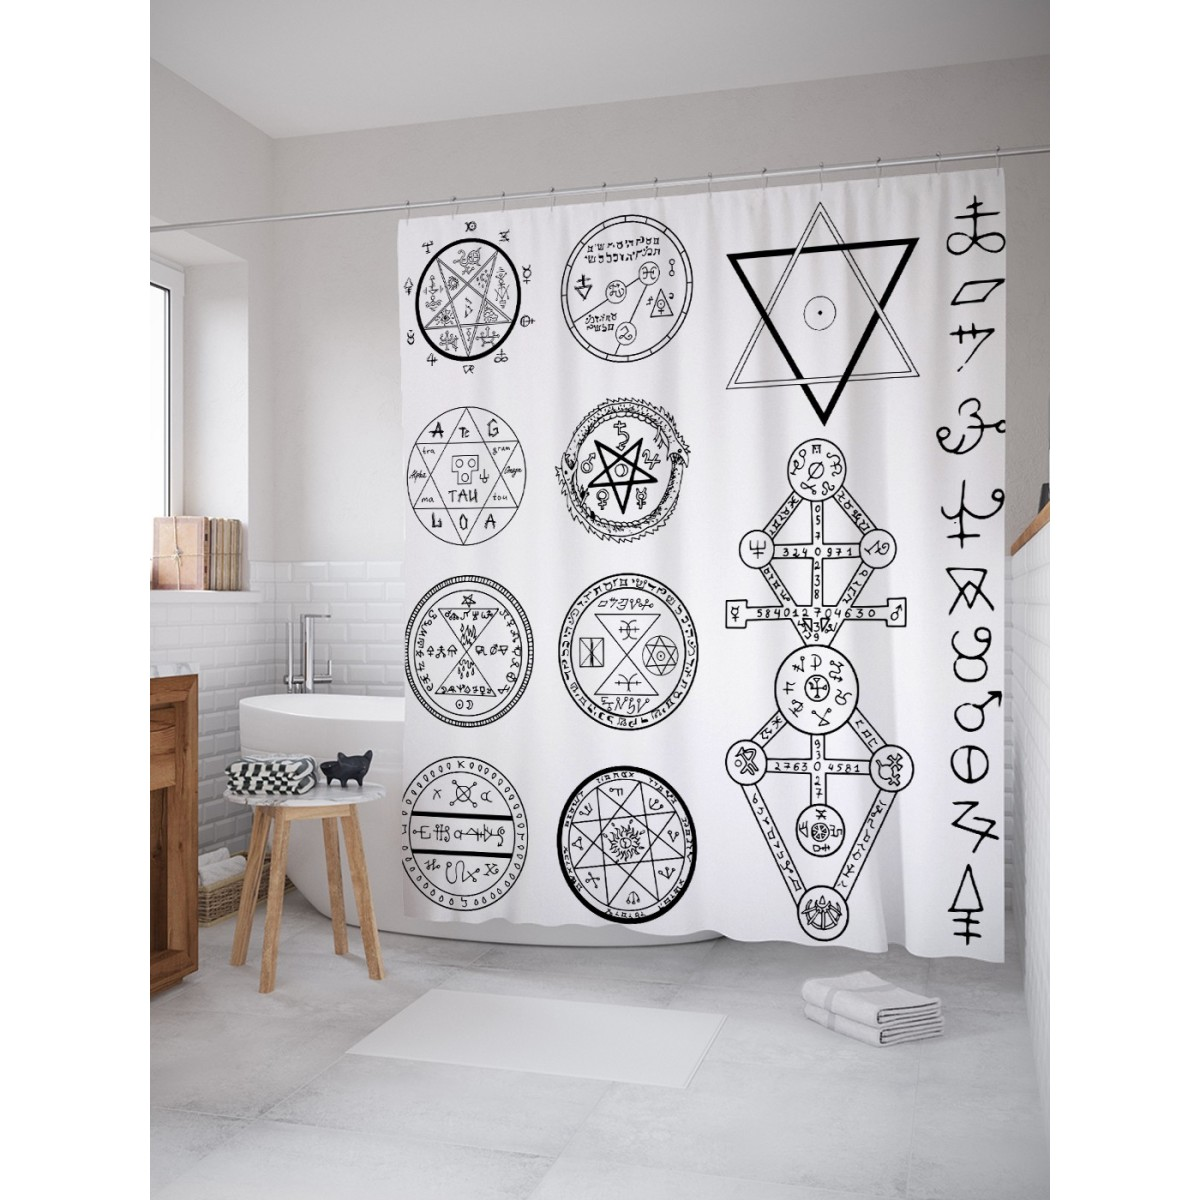 Шторка для ванной Символы с пентаграммами 180х200 см sc_19368